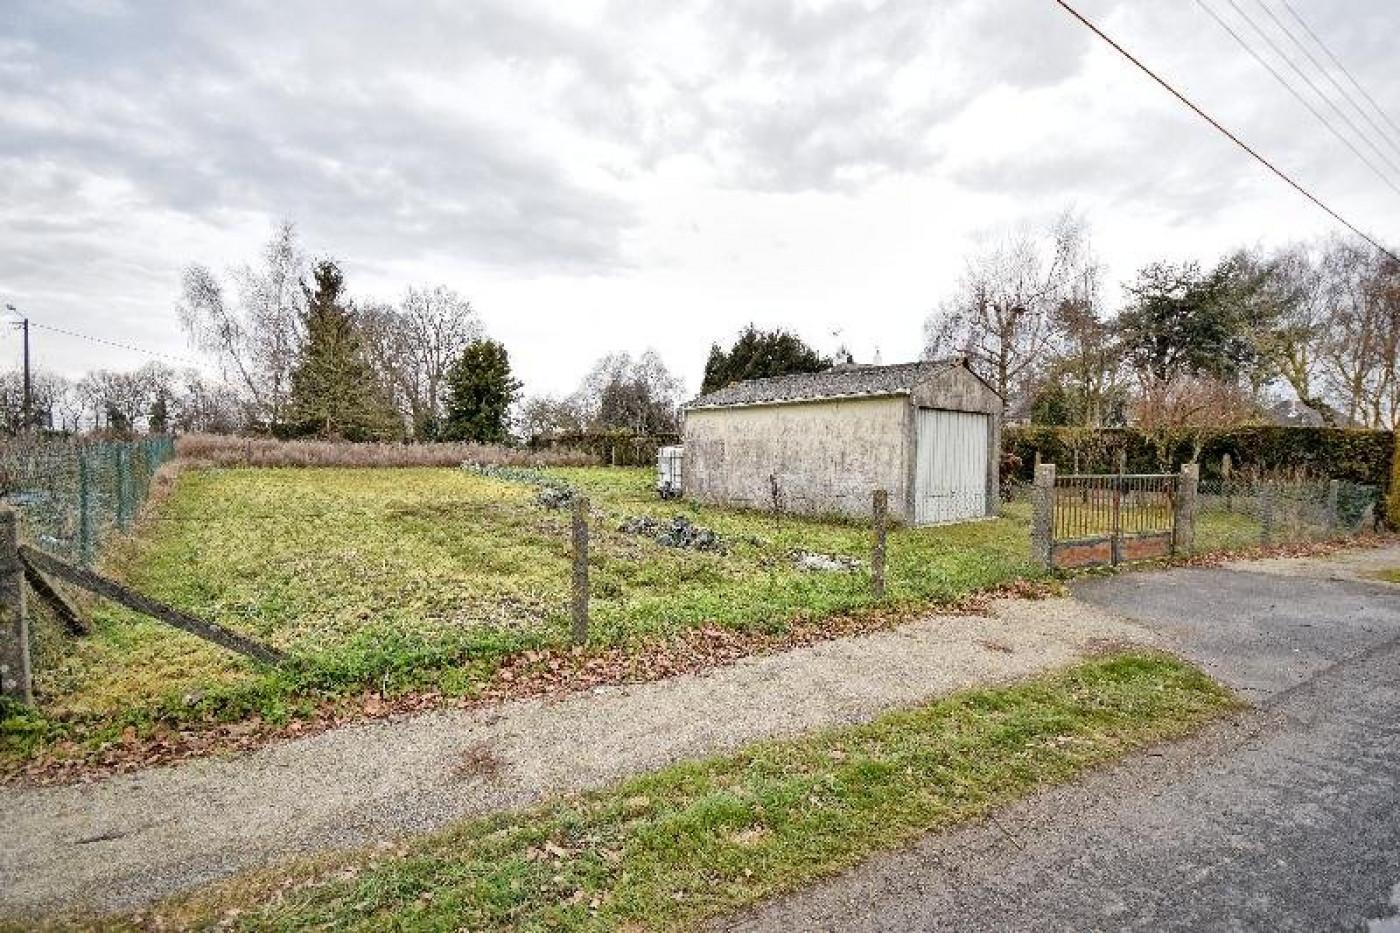 A vendre Chaze Henry 4401592 Agence porte neuve immobilier